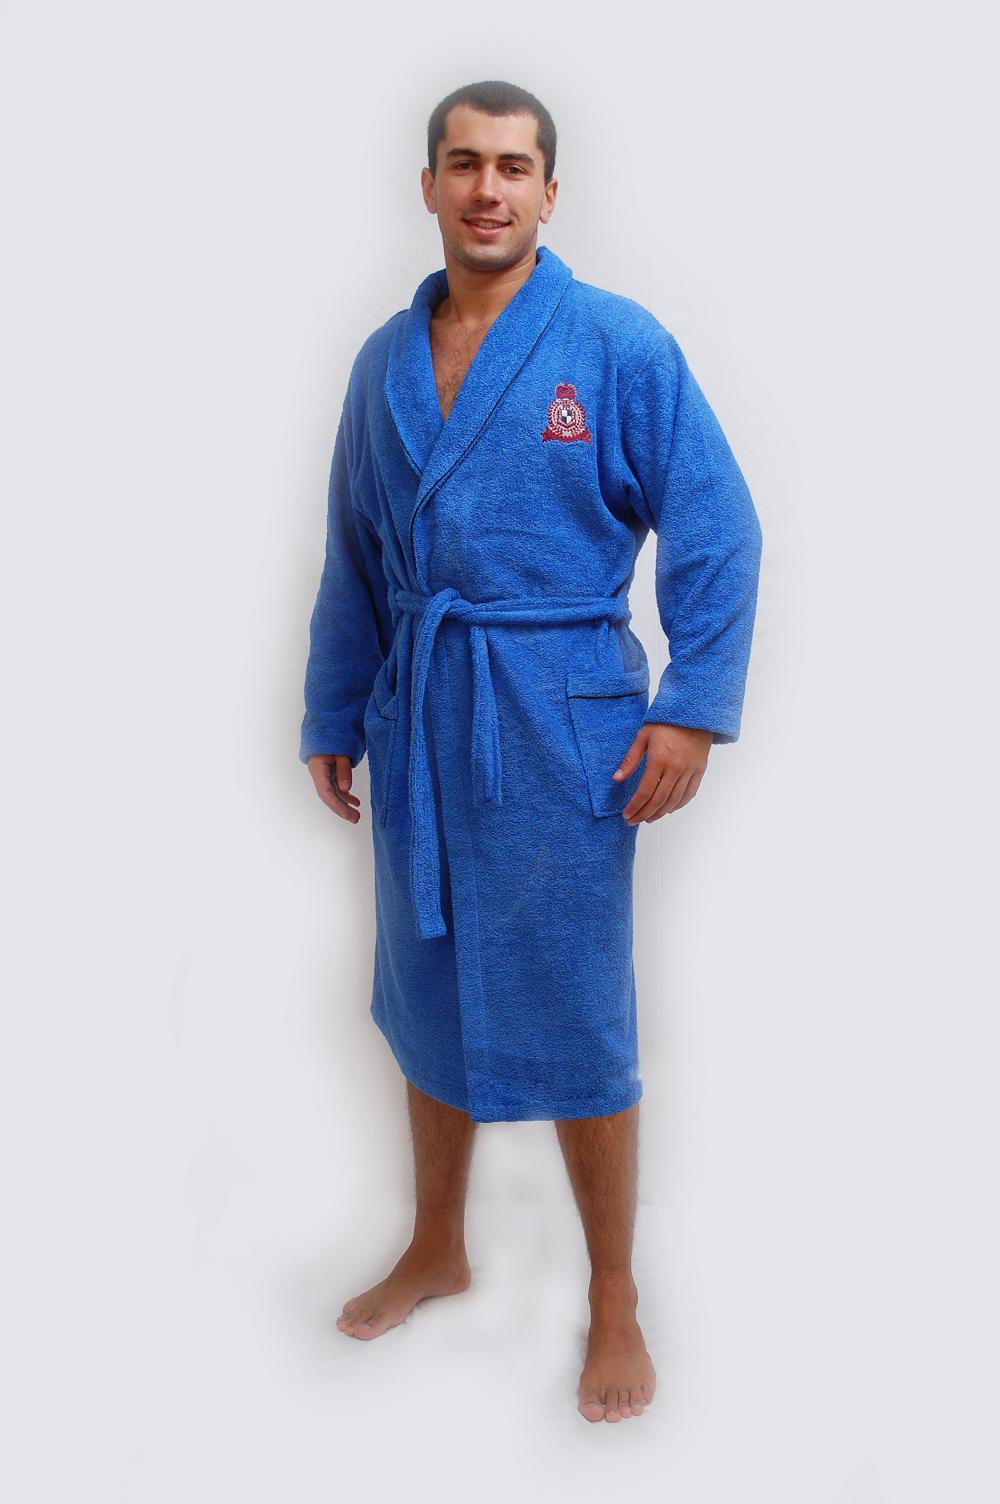 Сбор заказов. Всем известный Восток НН. Мужские махровые халаты, наборы для сауны. Джемпера, водолазки, свитера. Готовим подарки любимым мужчинам к 23 февраля